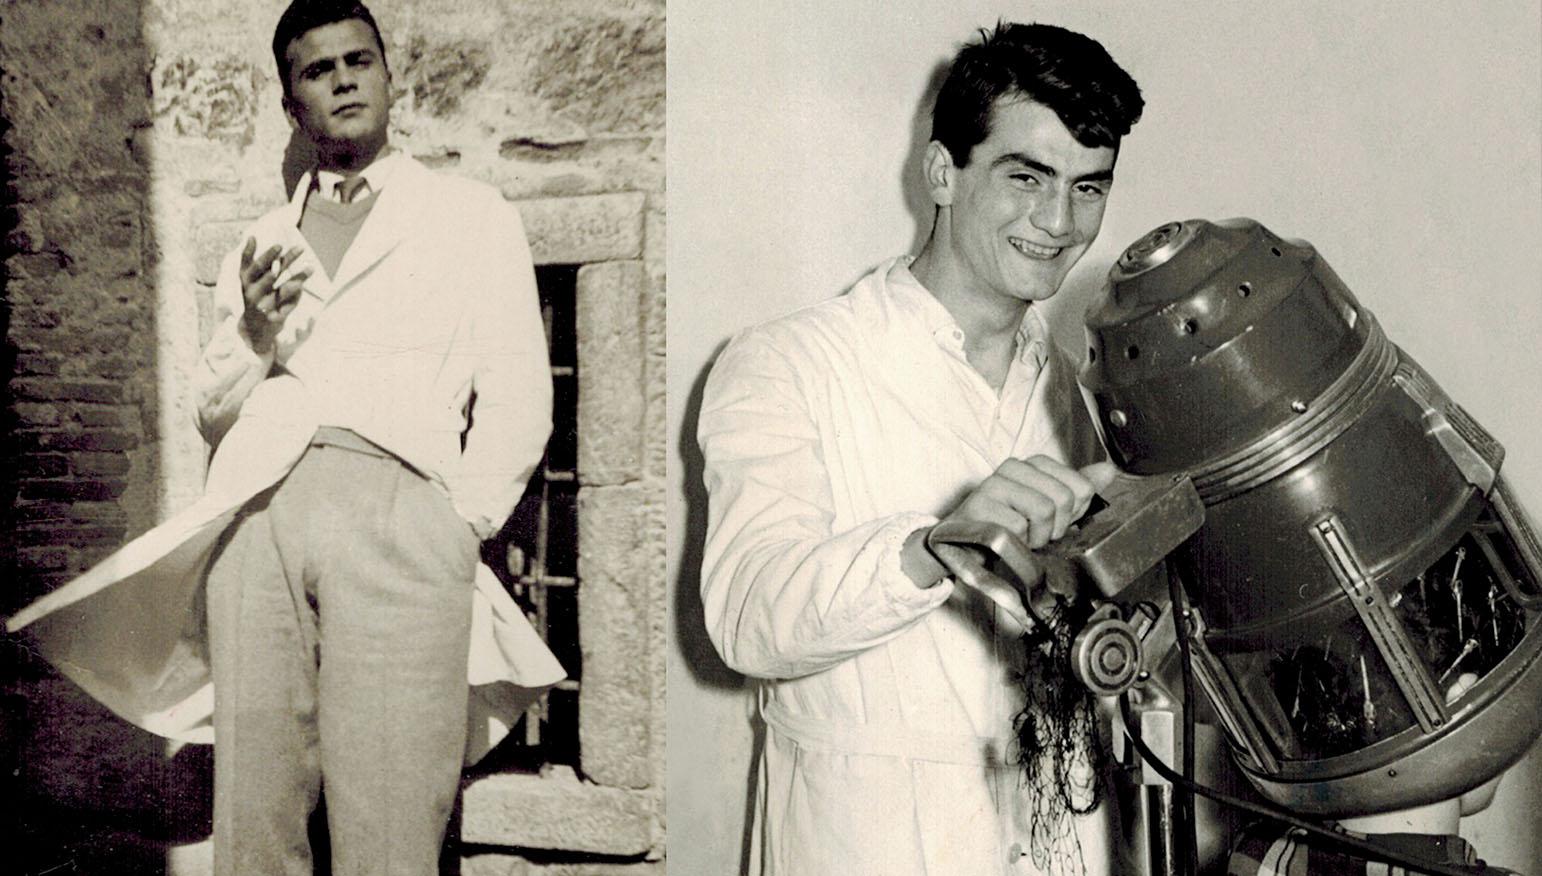 Left: Giosué Venere (Father), right: Tonino Venere (Uncle) c. 1956